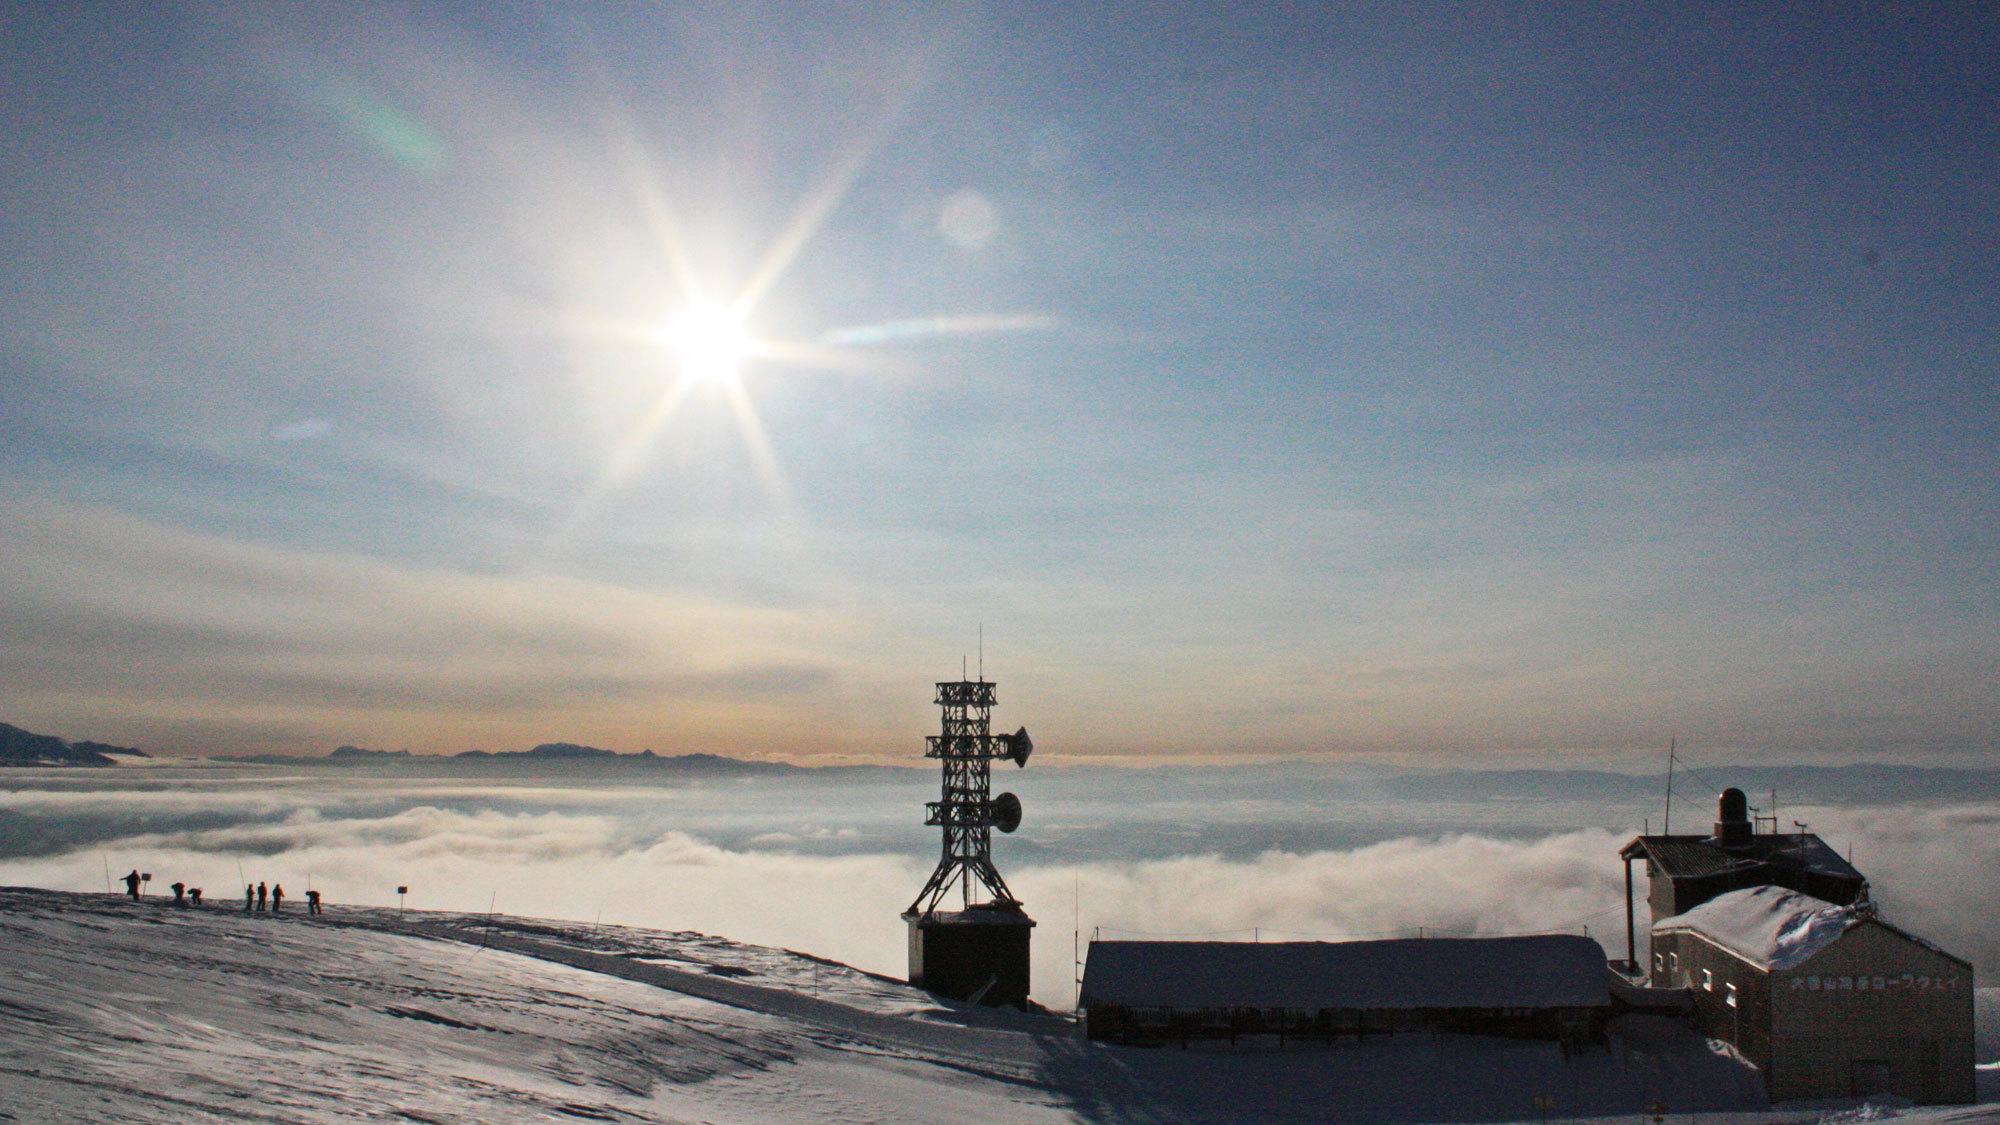 【冬の旭岳】見渡す限りの雲海に太陽の光が降り注ぎ、幻想的な風景が広がります